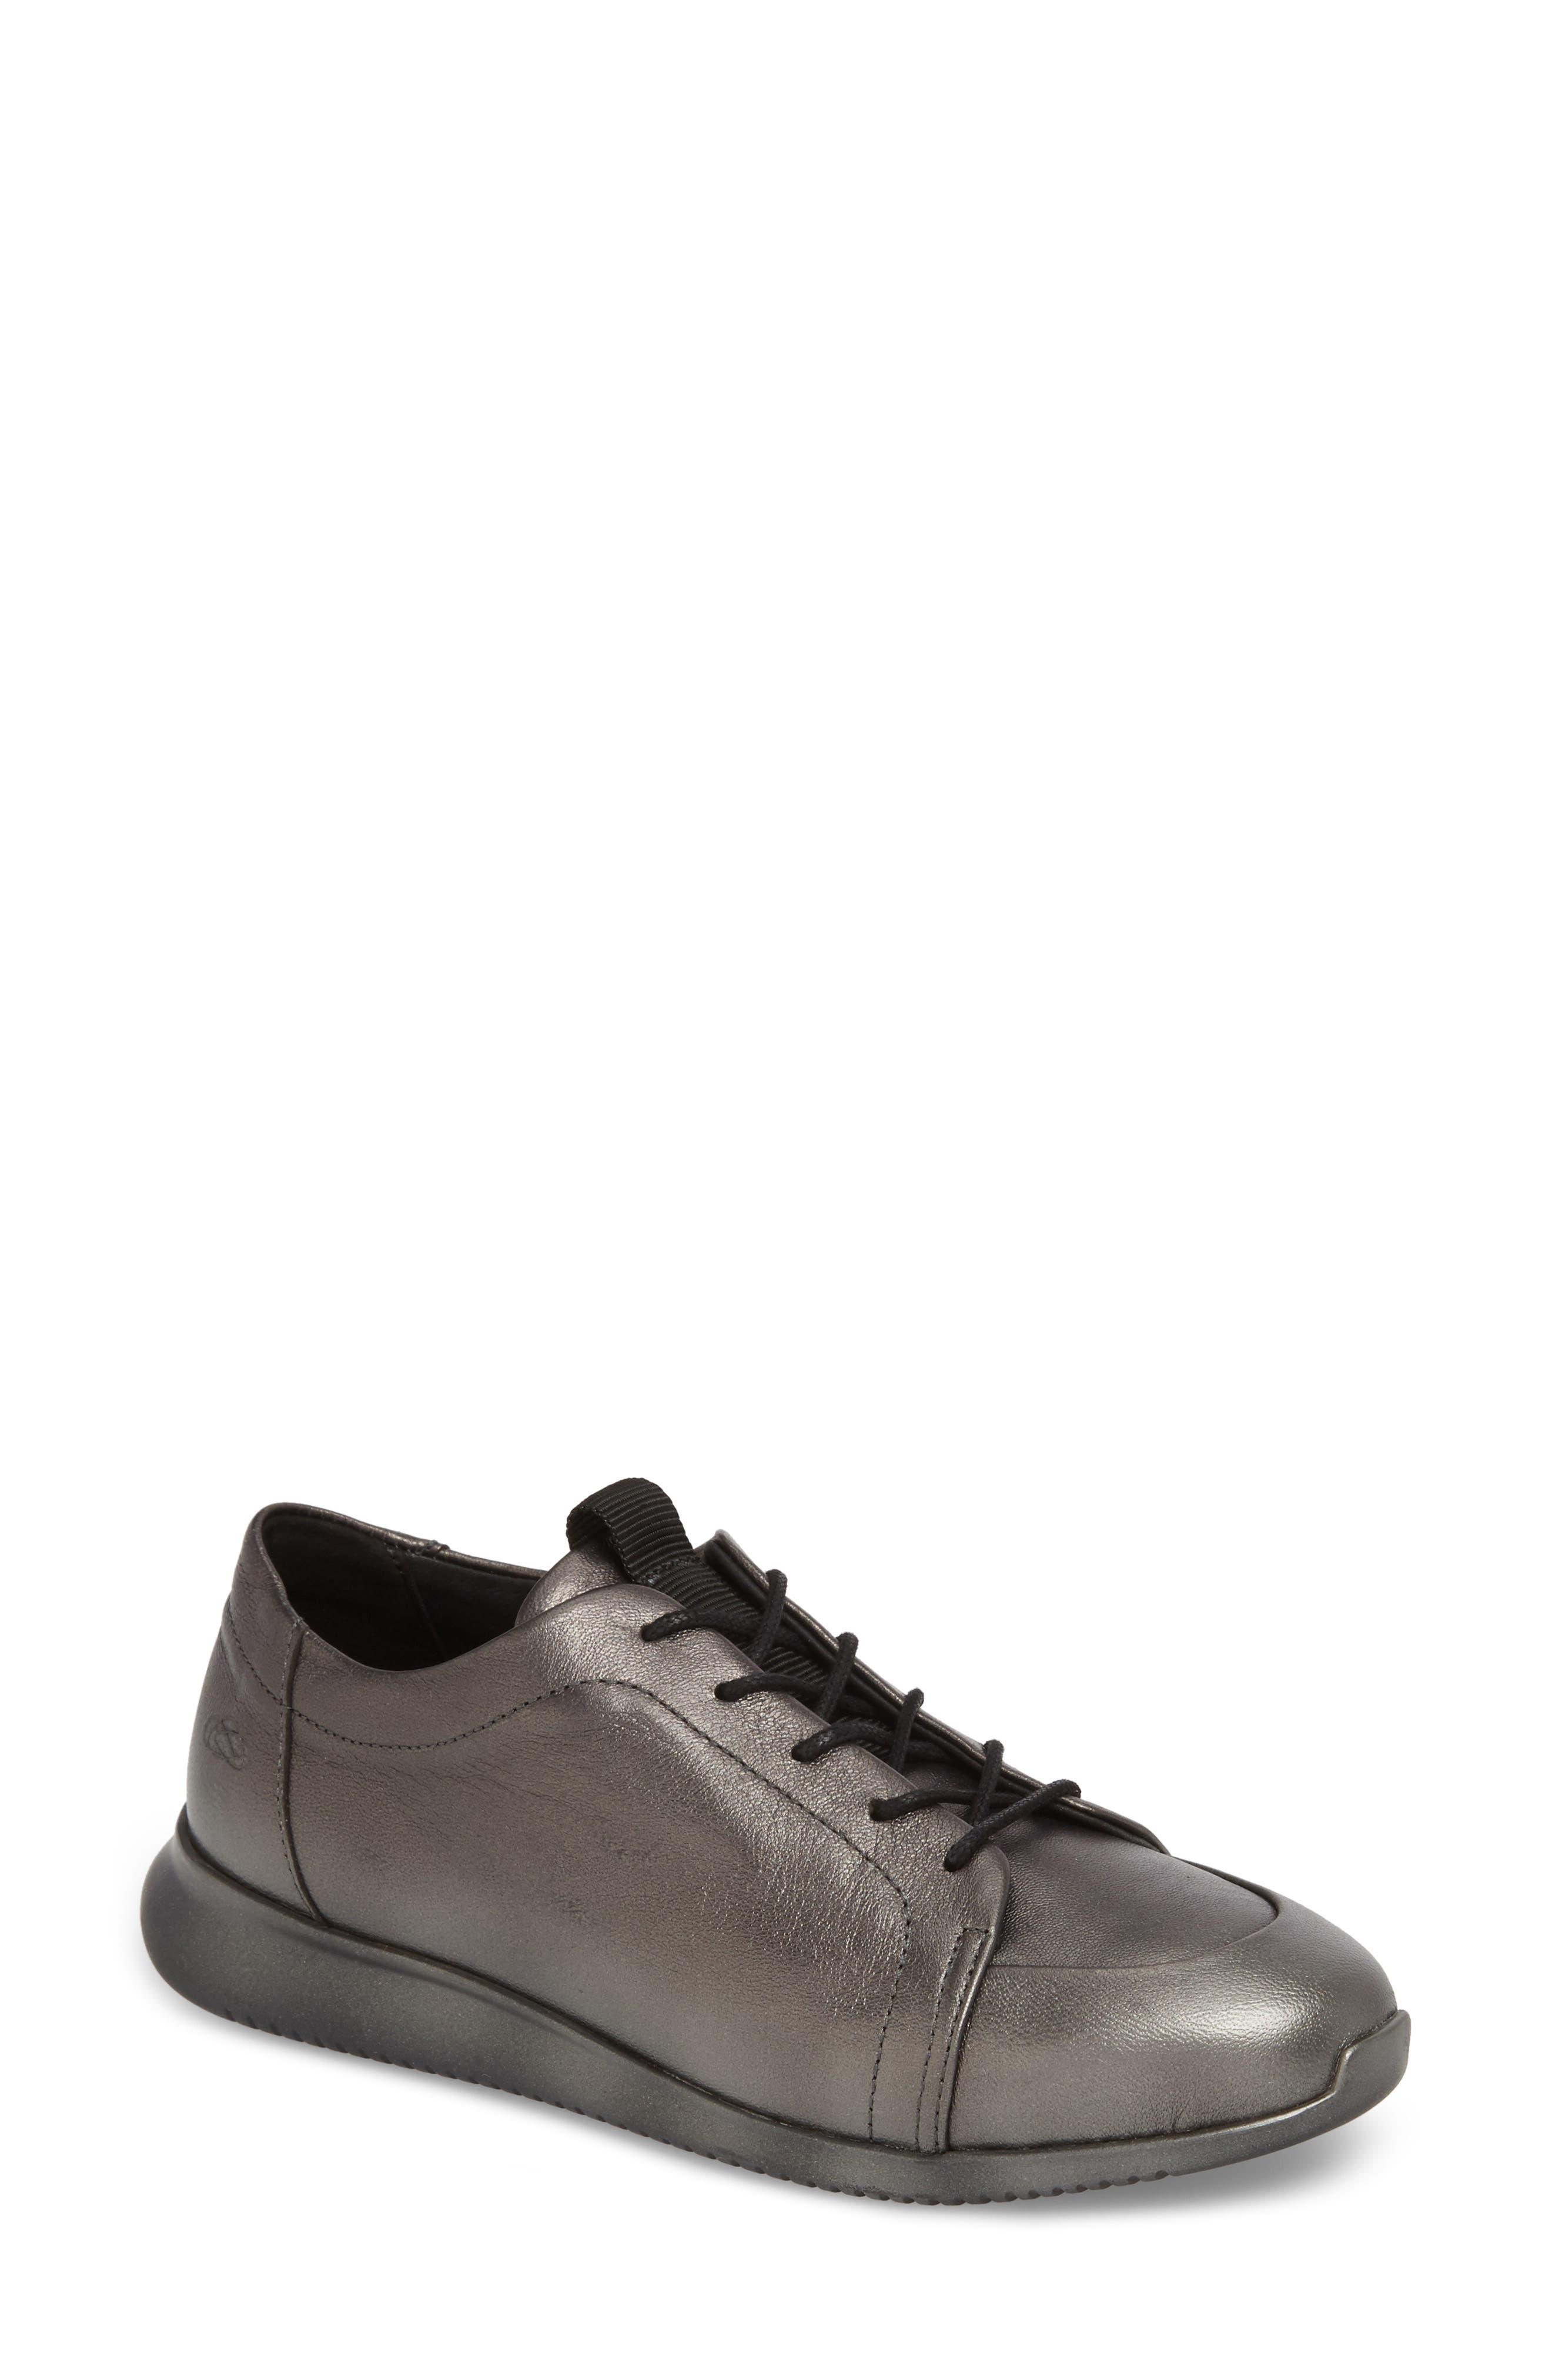 Ria Sneaker,                         Main,                         color,